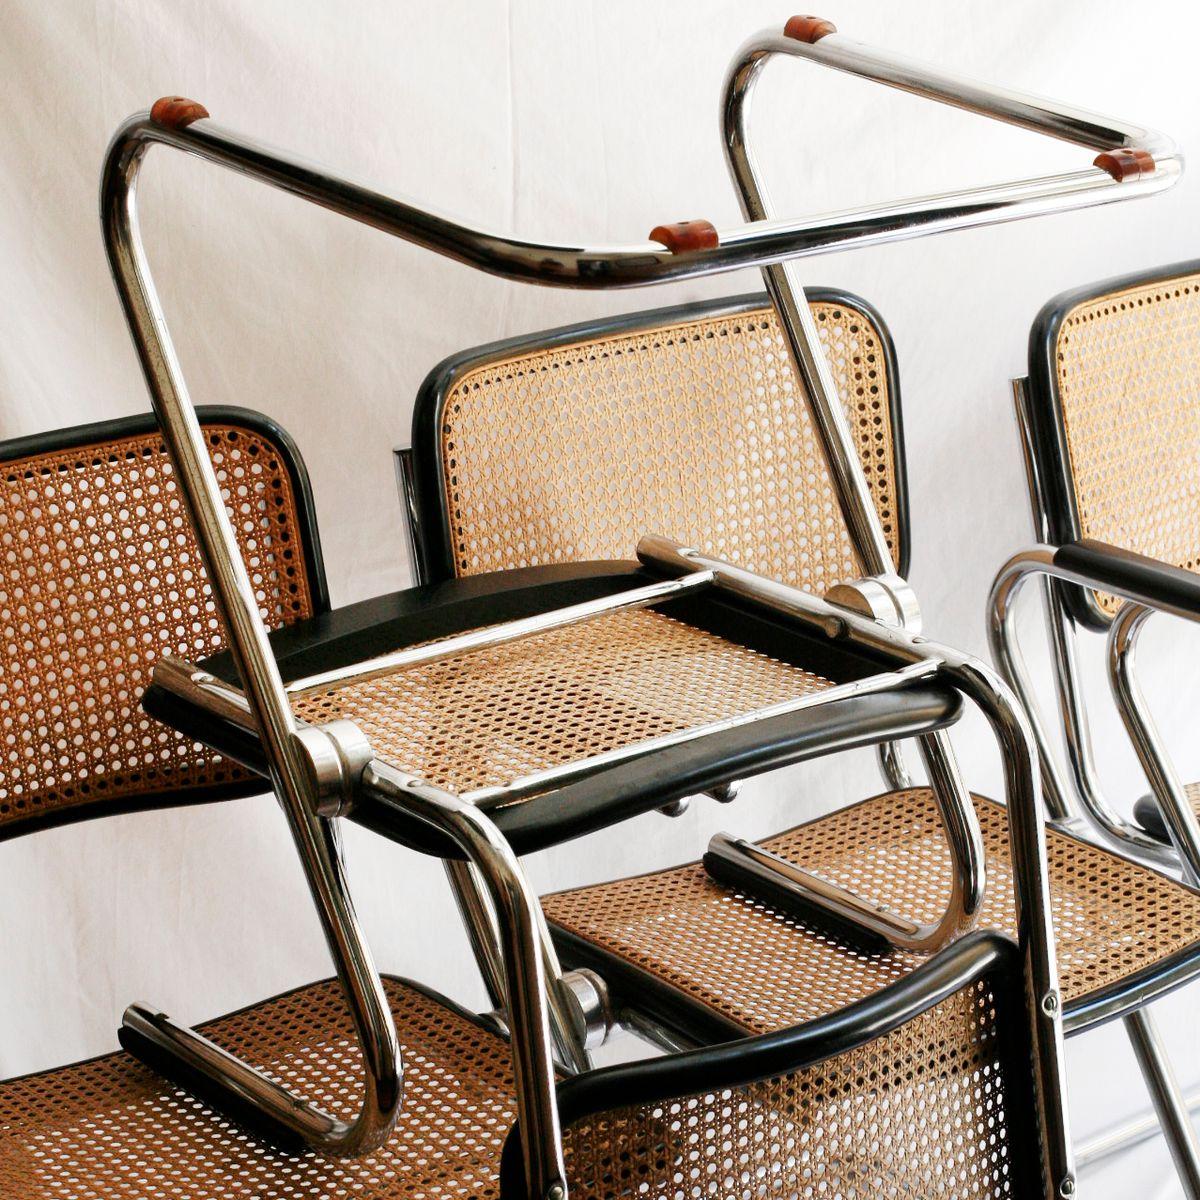 Tolle Küchenstühle Satz Von 4 Galerie - Ideen Für Die Küche ...